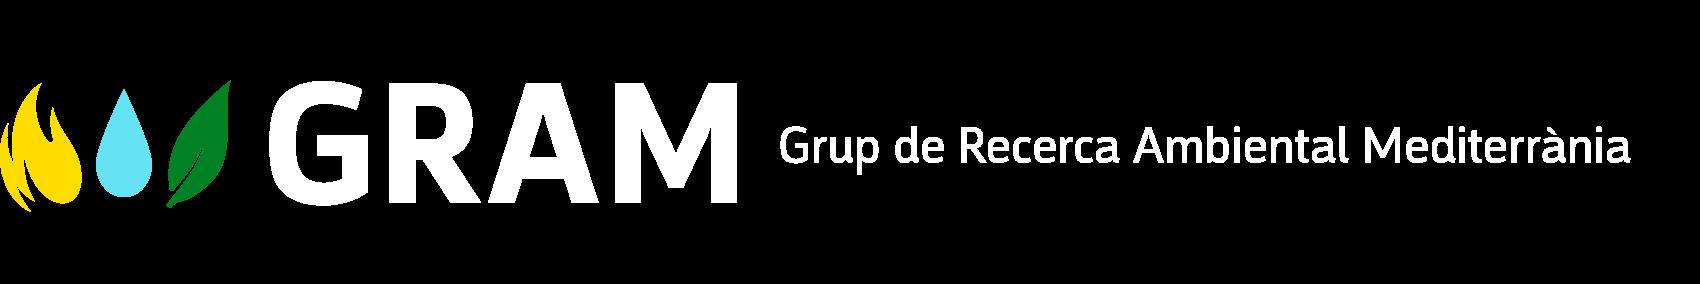 GRAM Grup de Recerca Ambiental Mediterrània